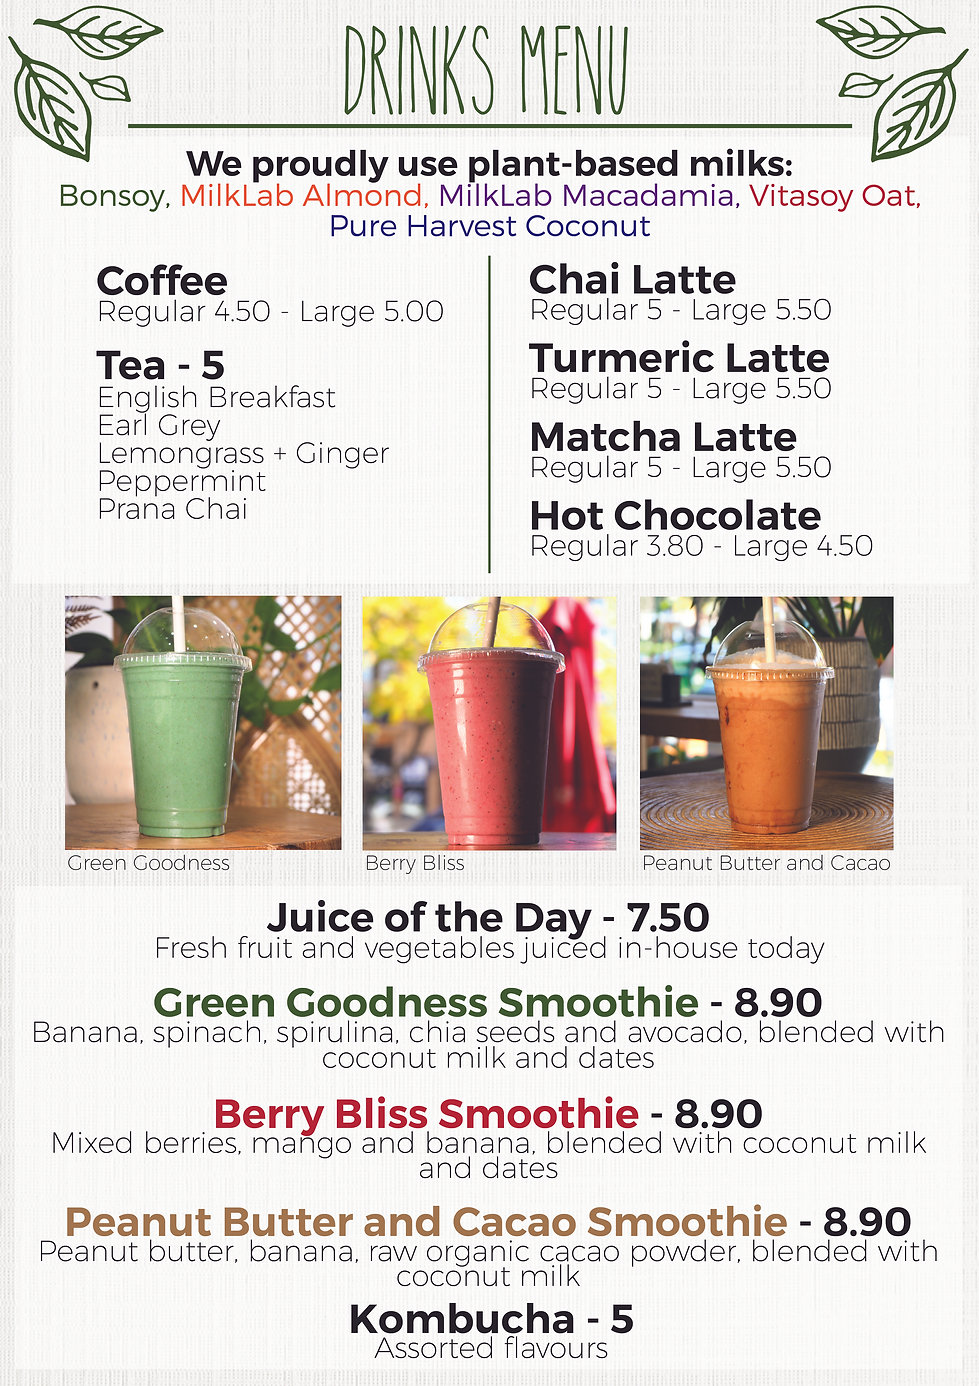 Drinks Menu - Samadhi Whole Foods